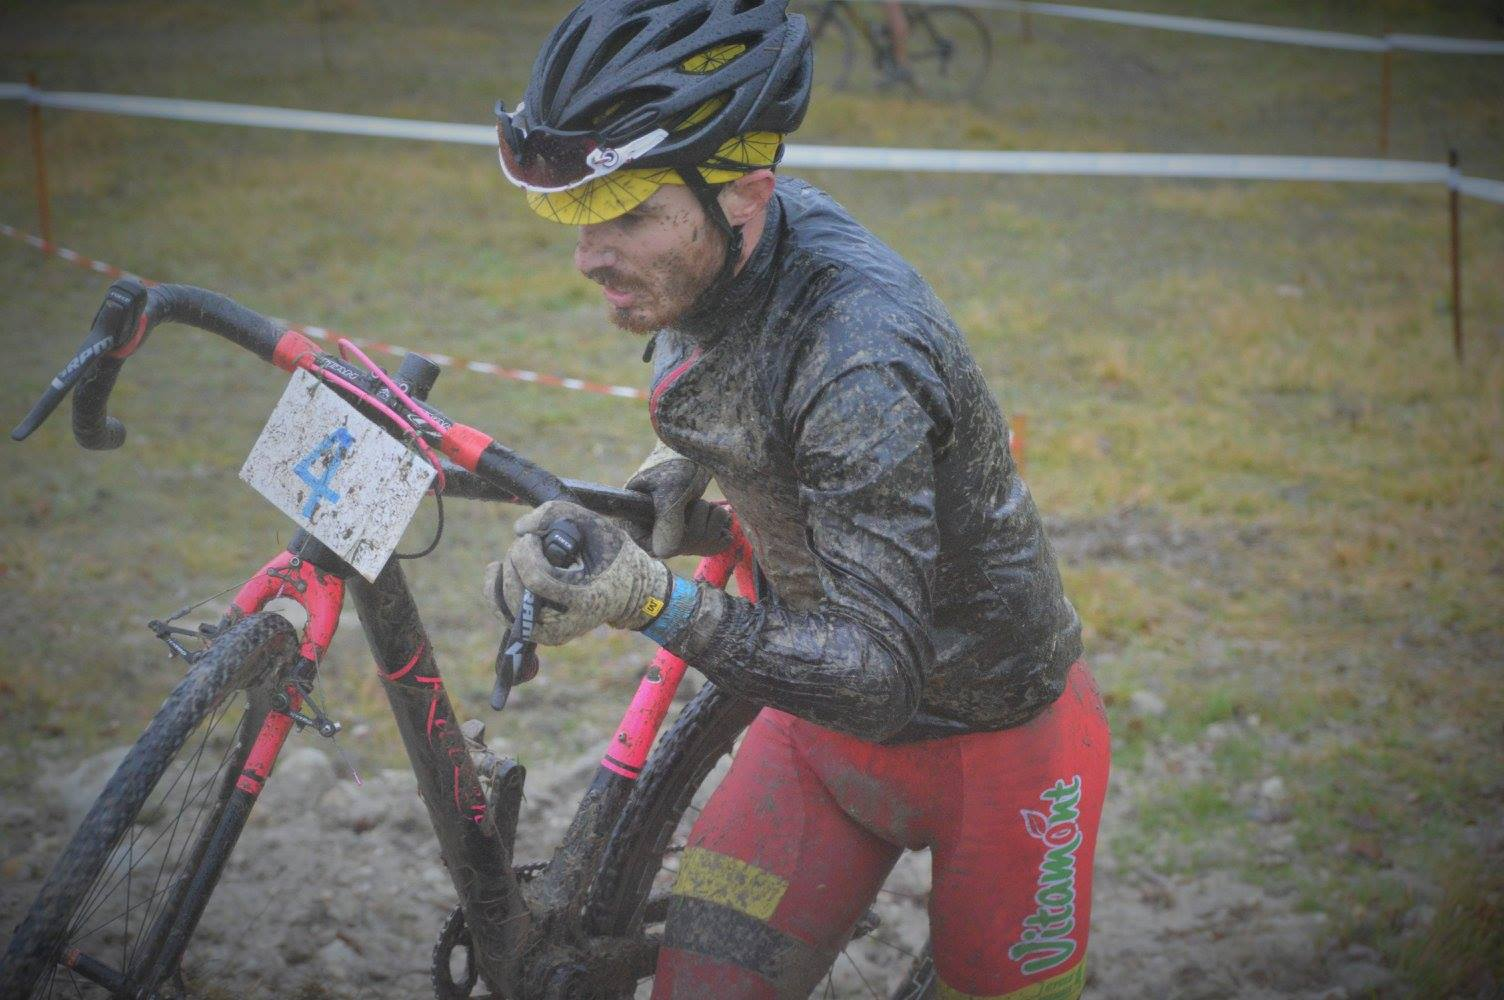 Cyclo Cross Calendrier.Calendrier Des Epreuves De Cyclo Cross 2019 En Aquitaine